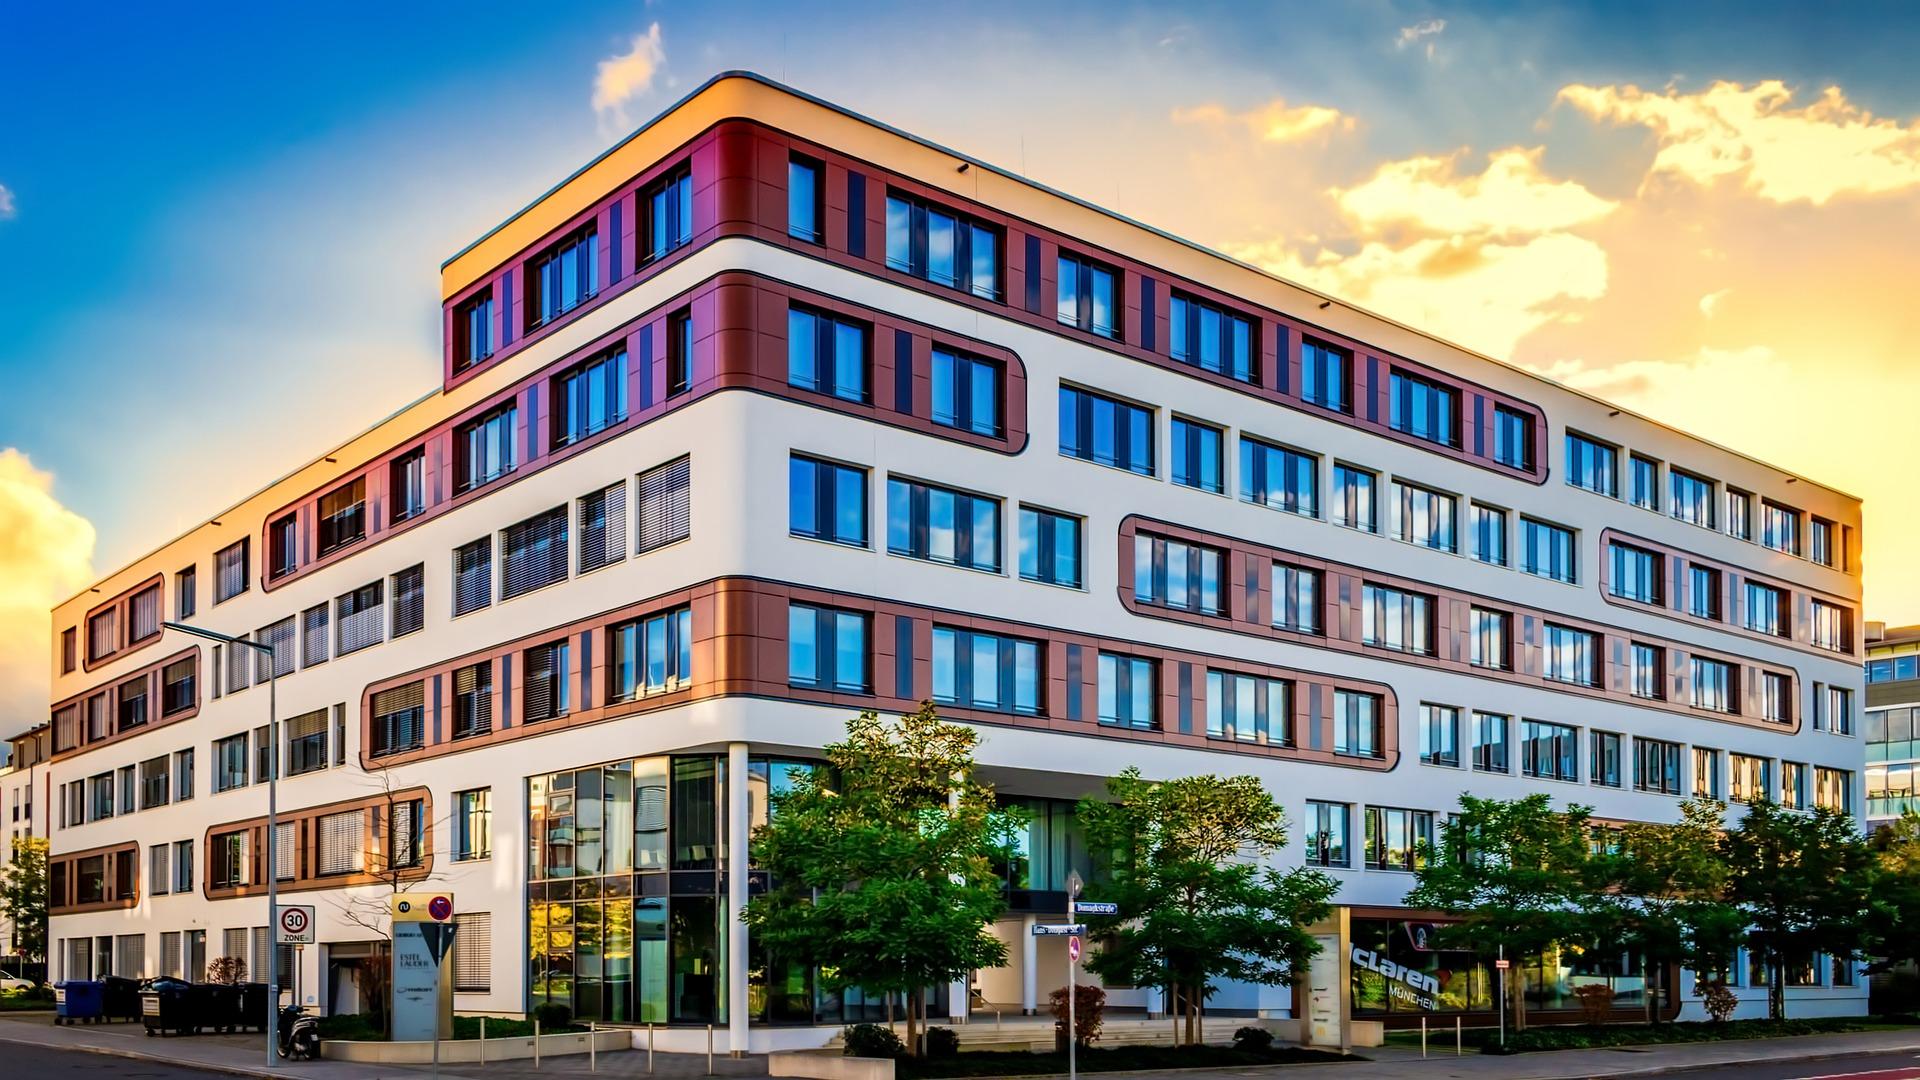 Fassade - Fassadensanierung und Fassadengestaltung in Halle, Leipzig und Umgebung